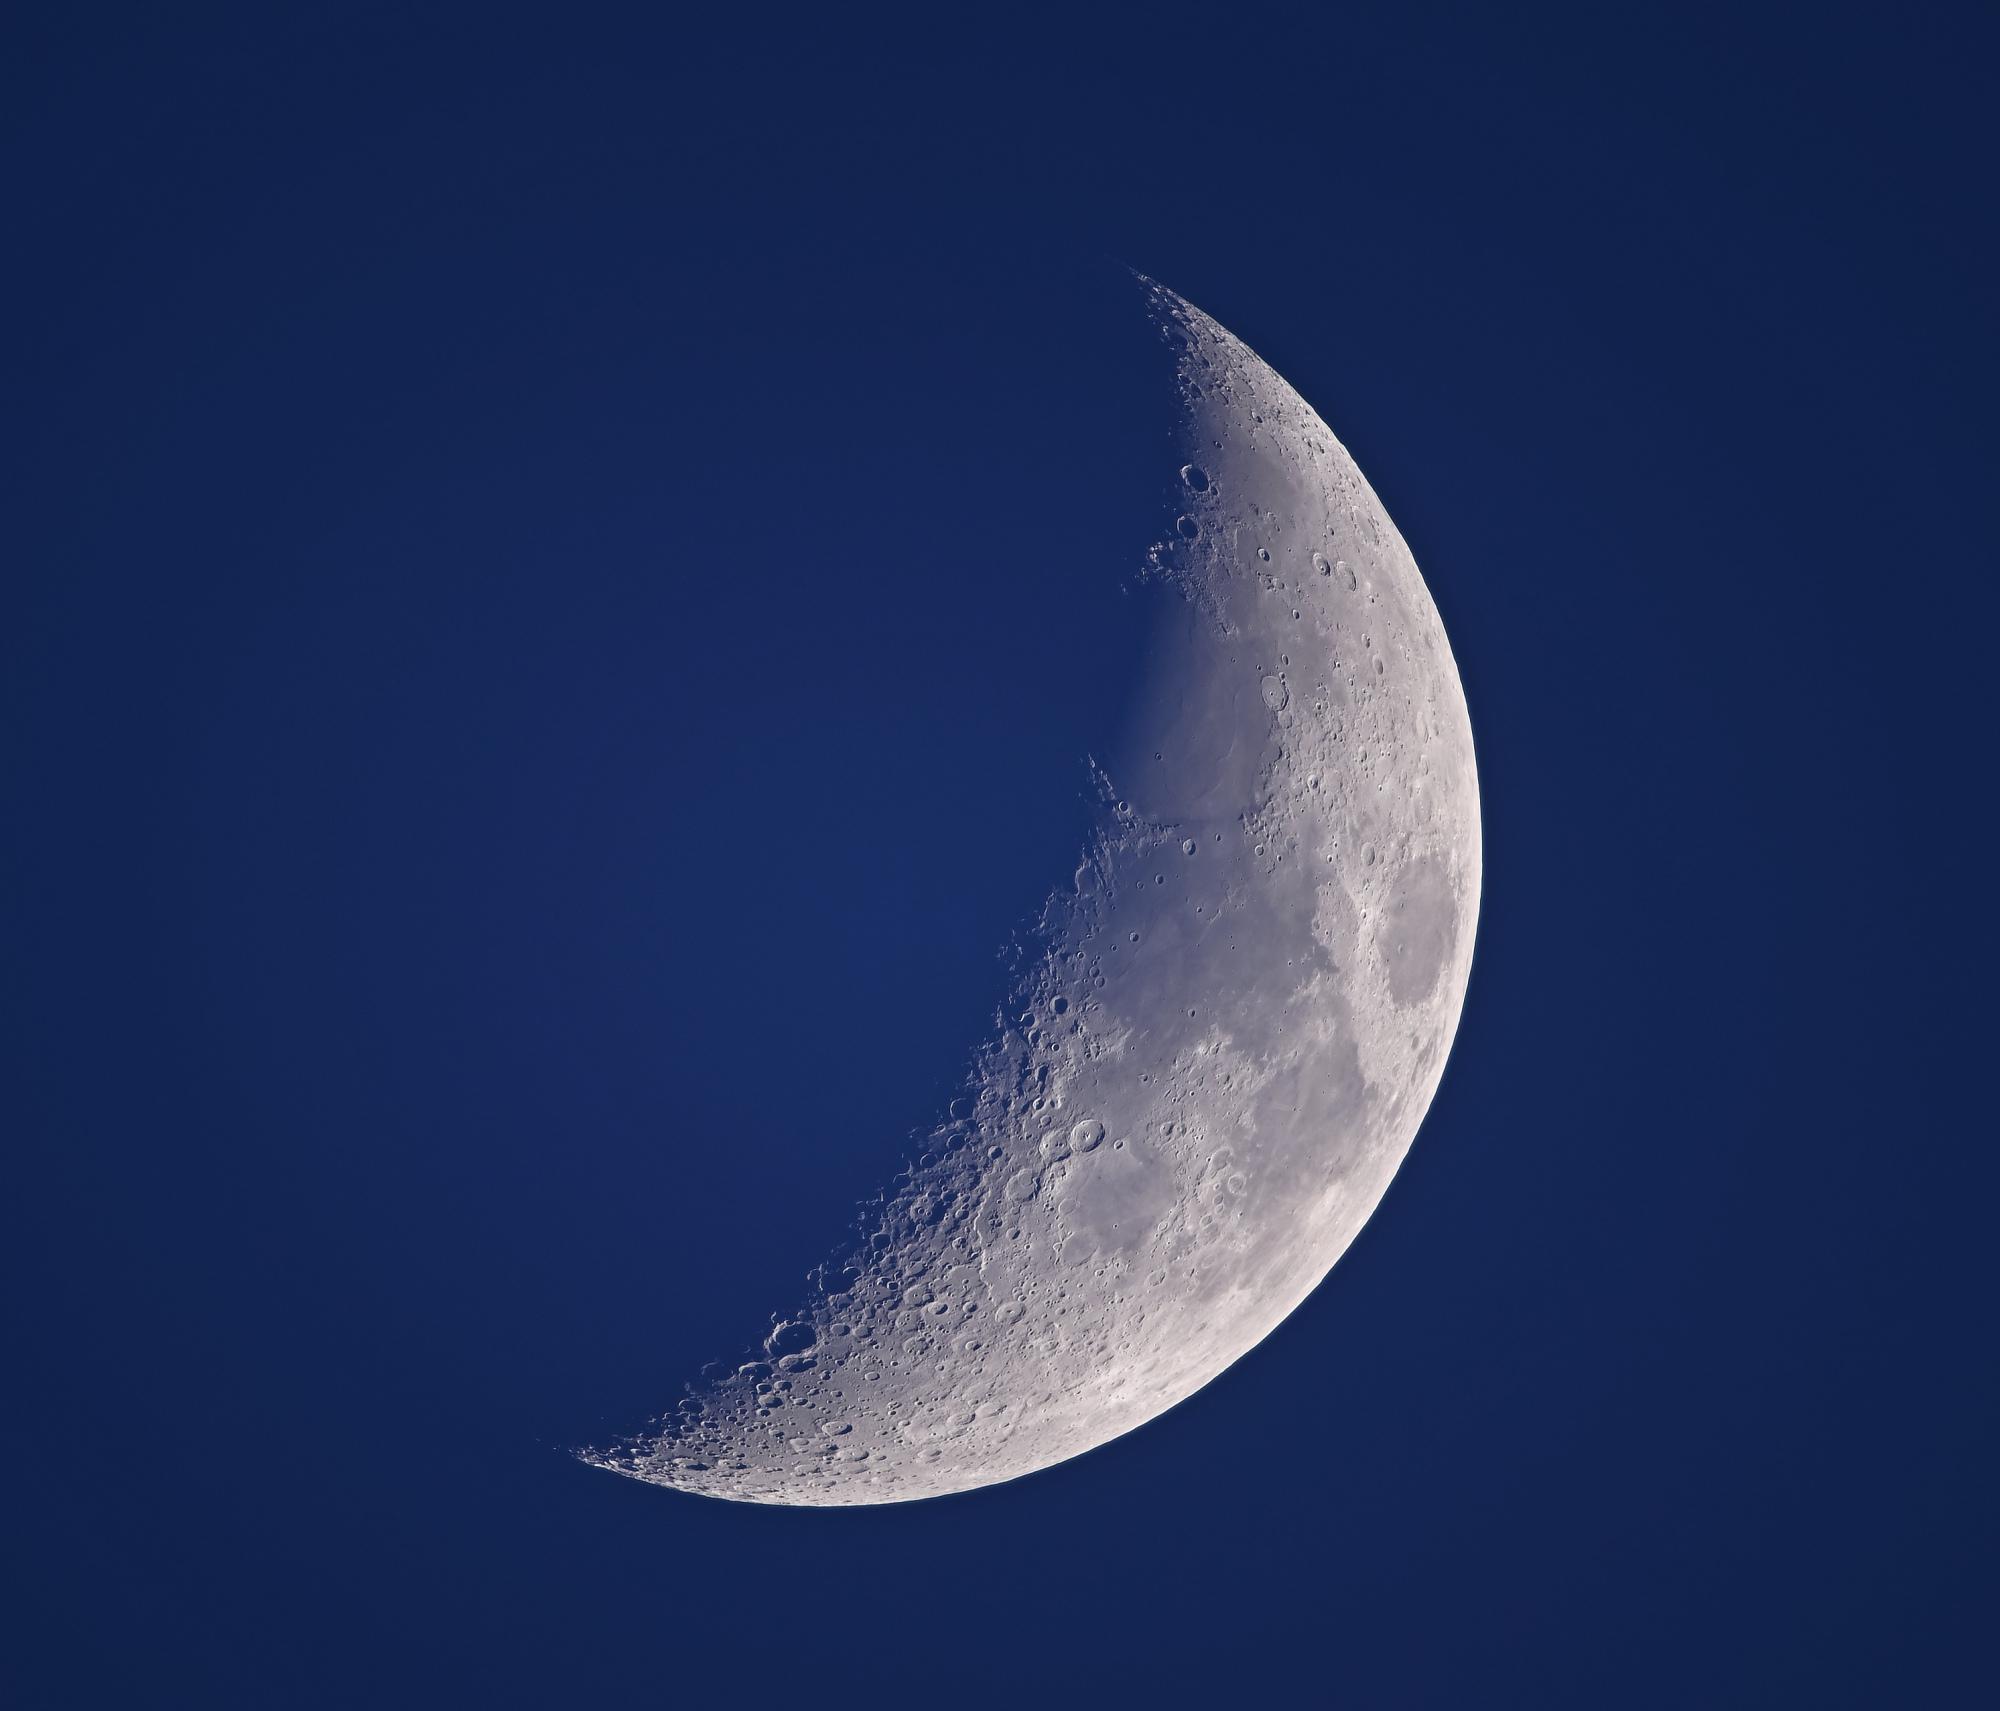 5e83a62474a3e_lune30mars1.thumb.jpg.51c1a6d8c82f31323dc825923b10ea0c.jpg